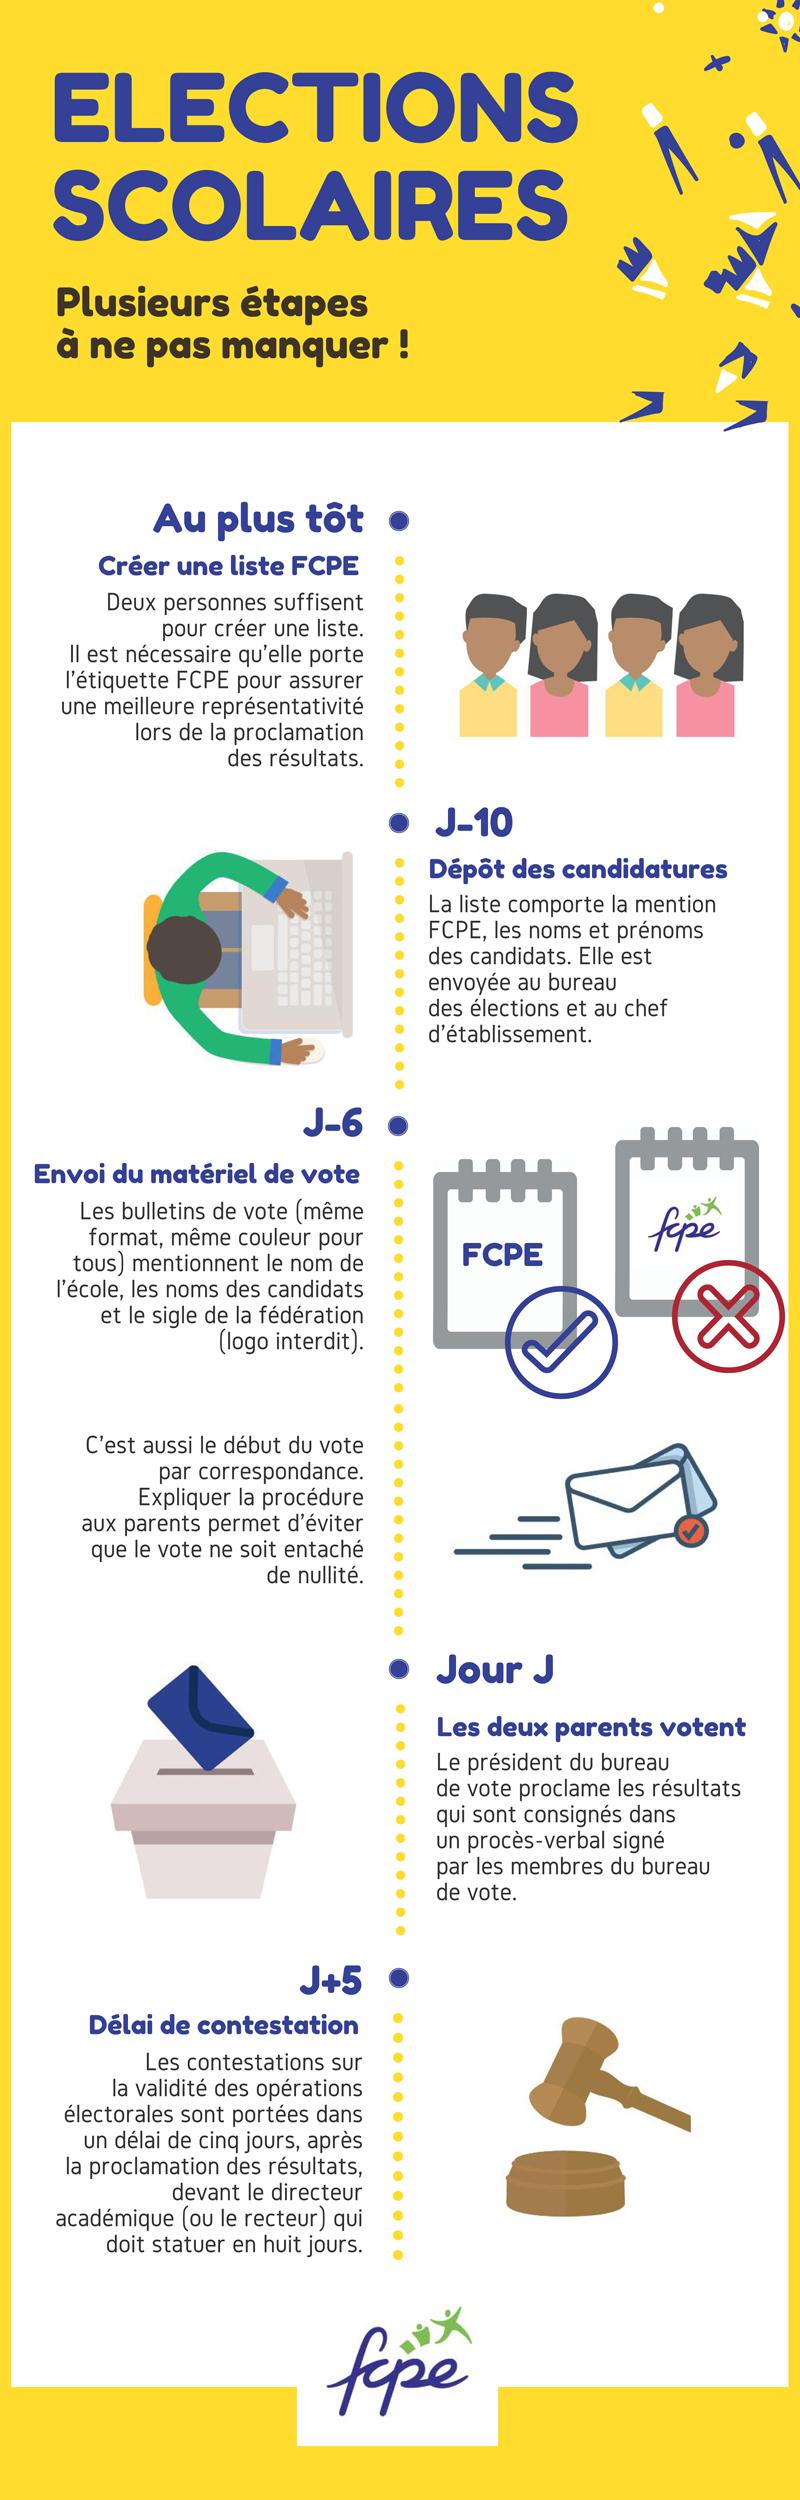 Infographie sur les élections scolaires